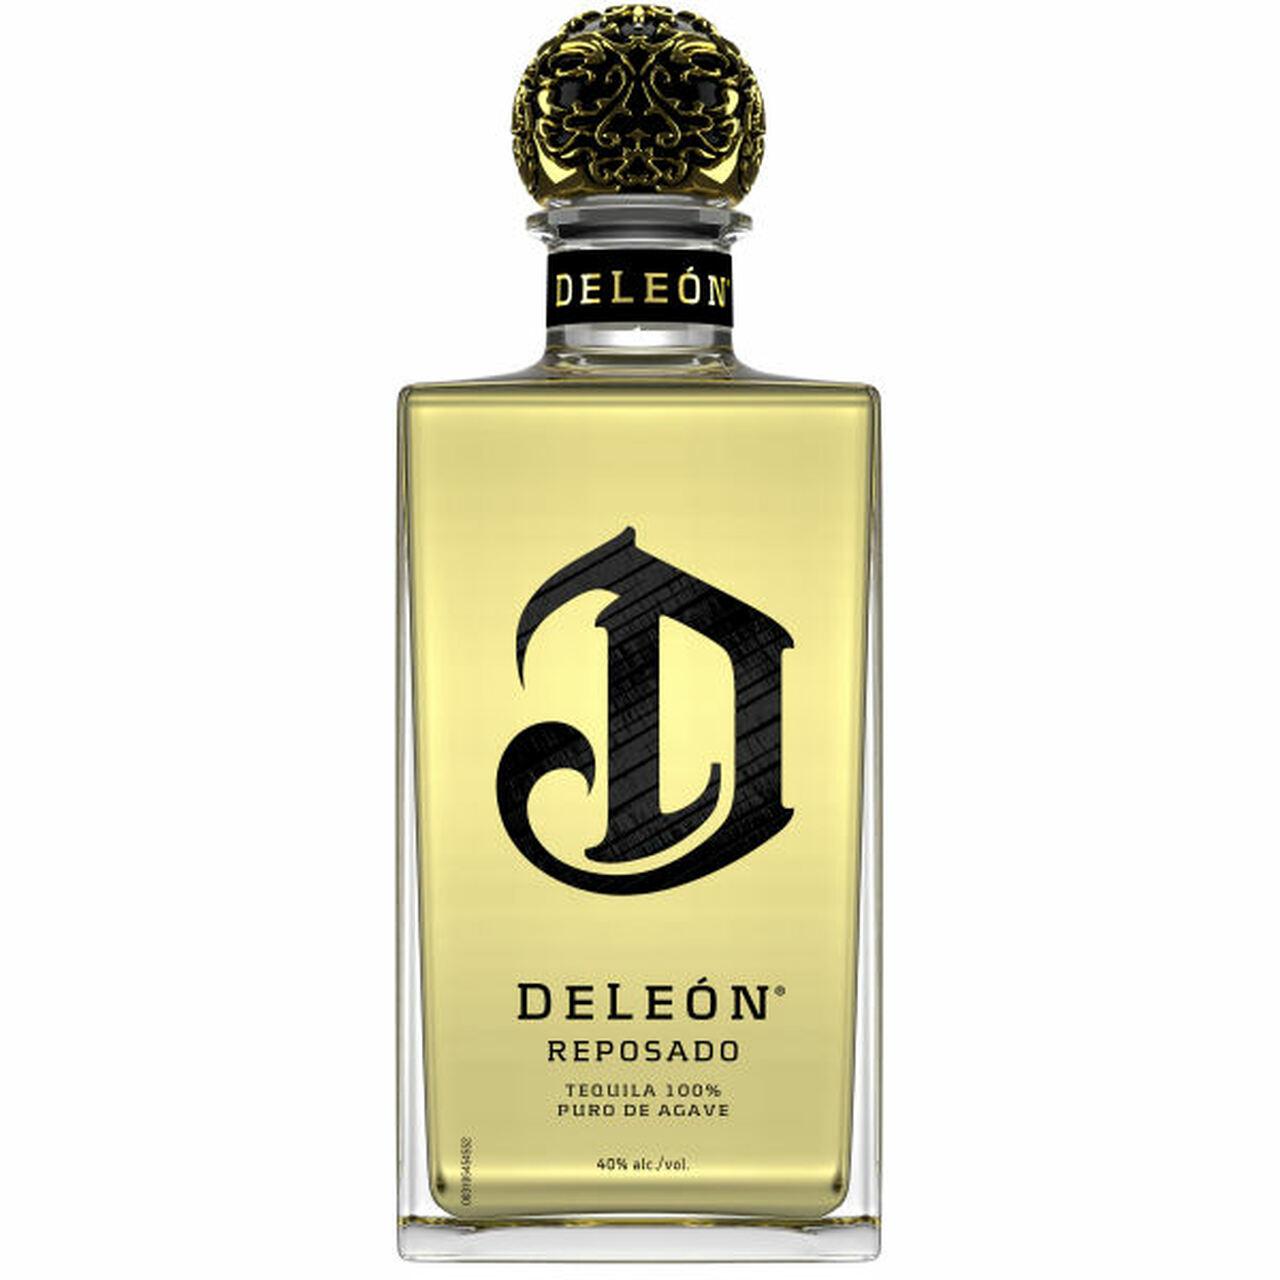 Deleon Reposado 750ml